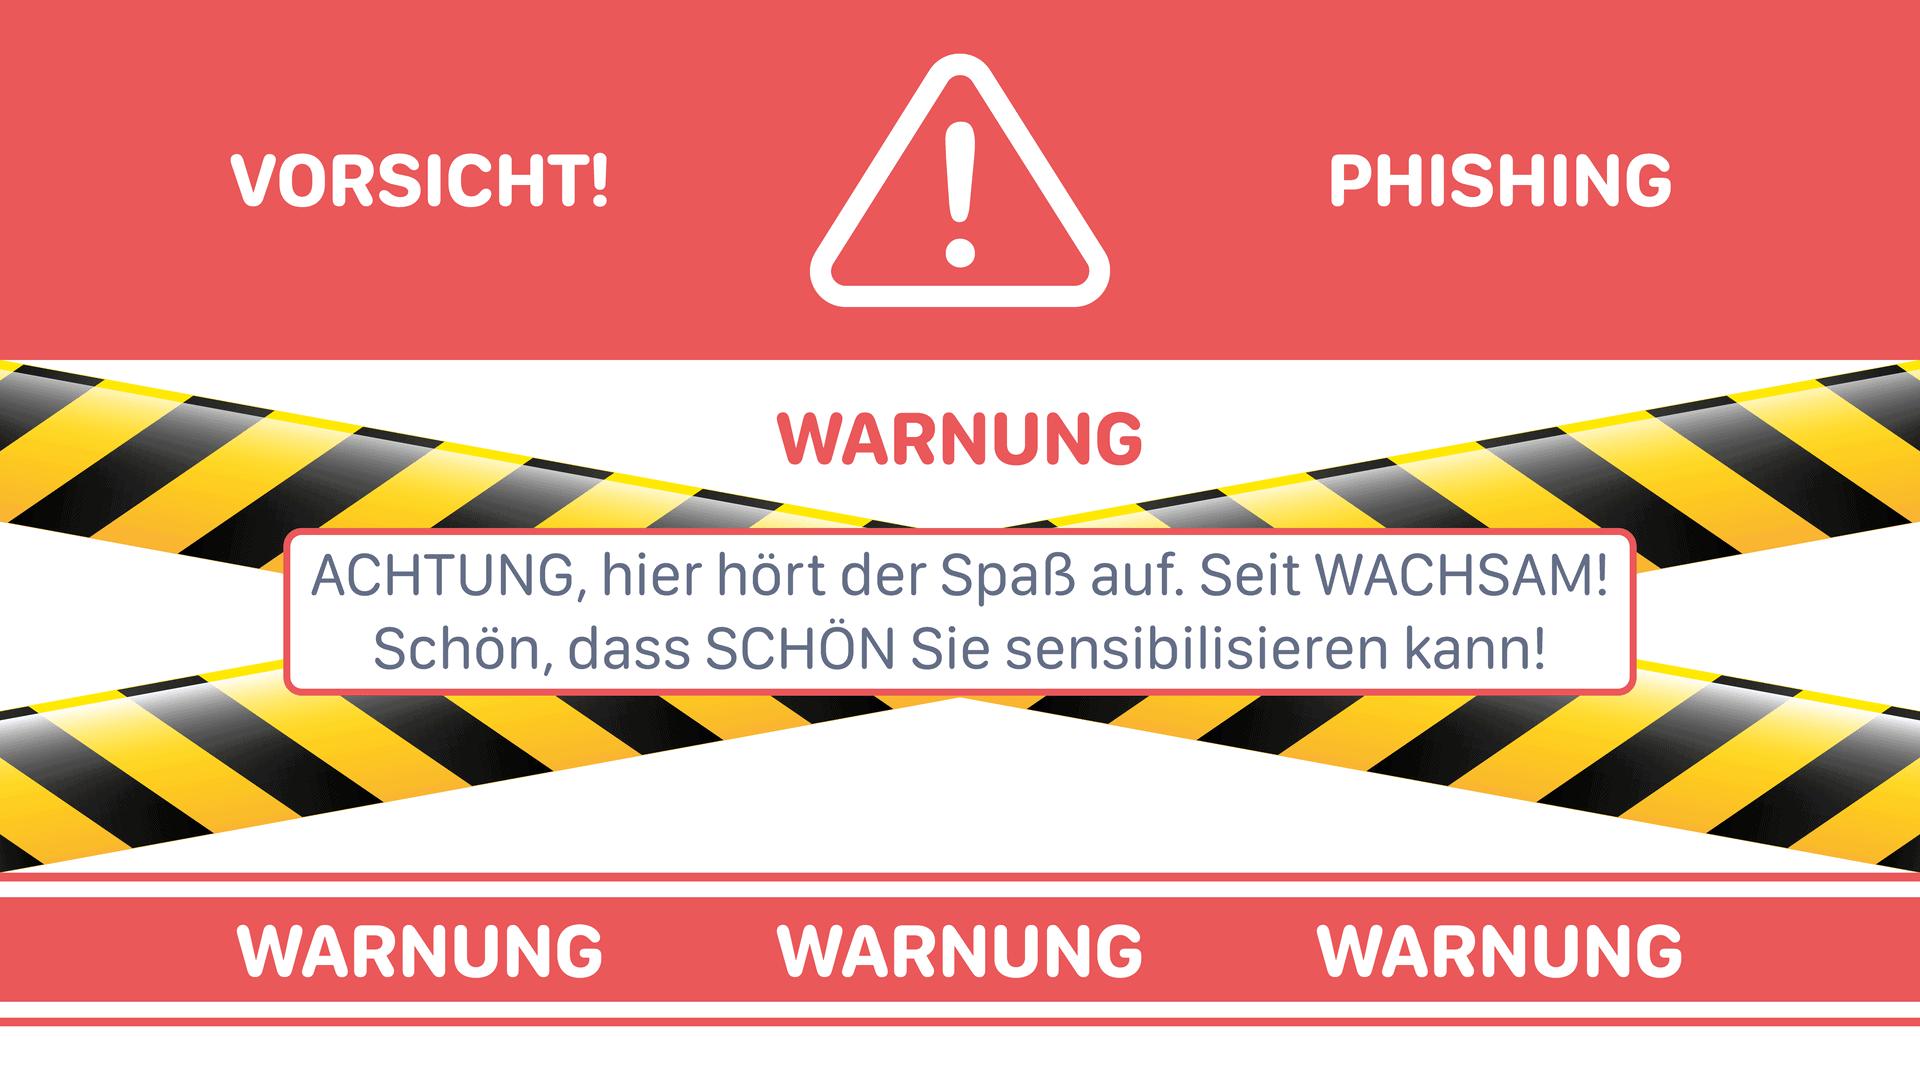 Warnung vor digitalen Räubern!